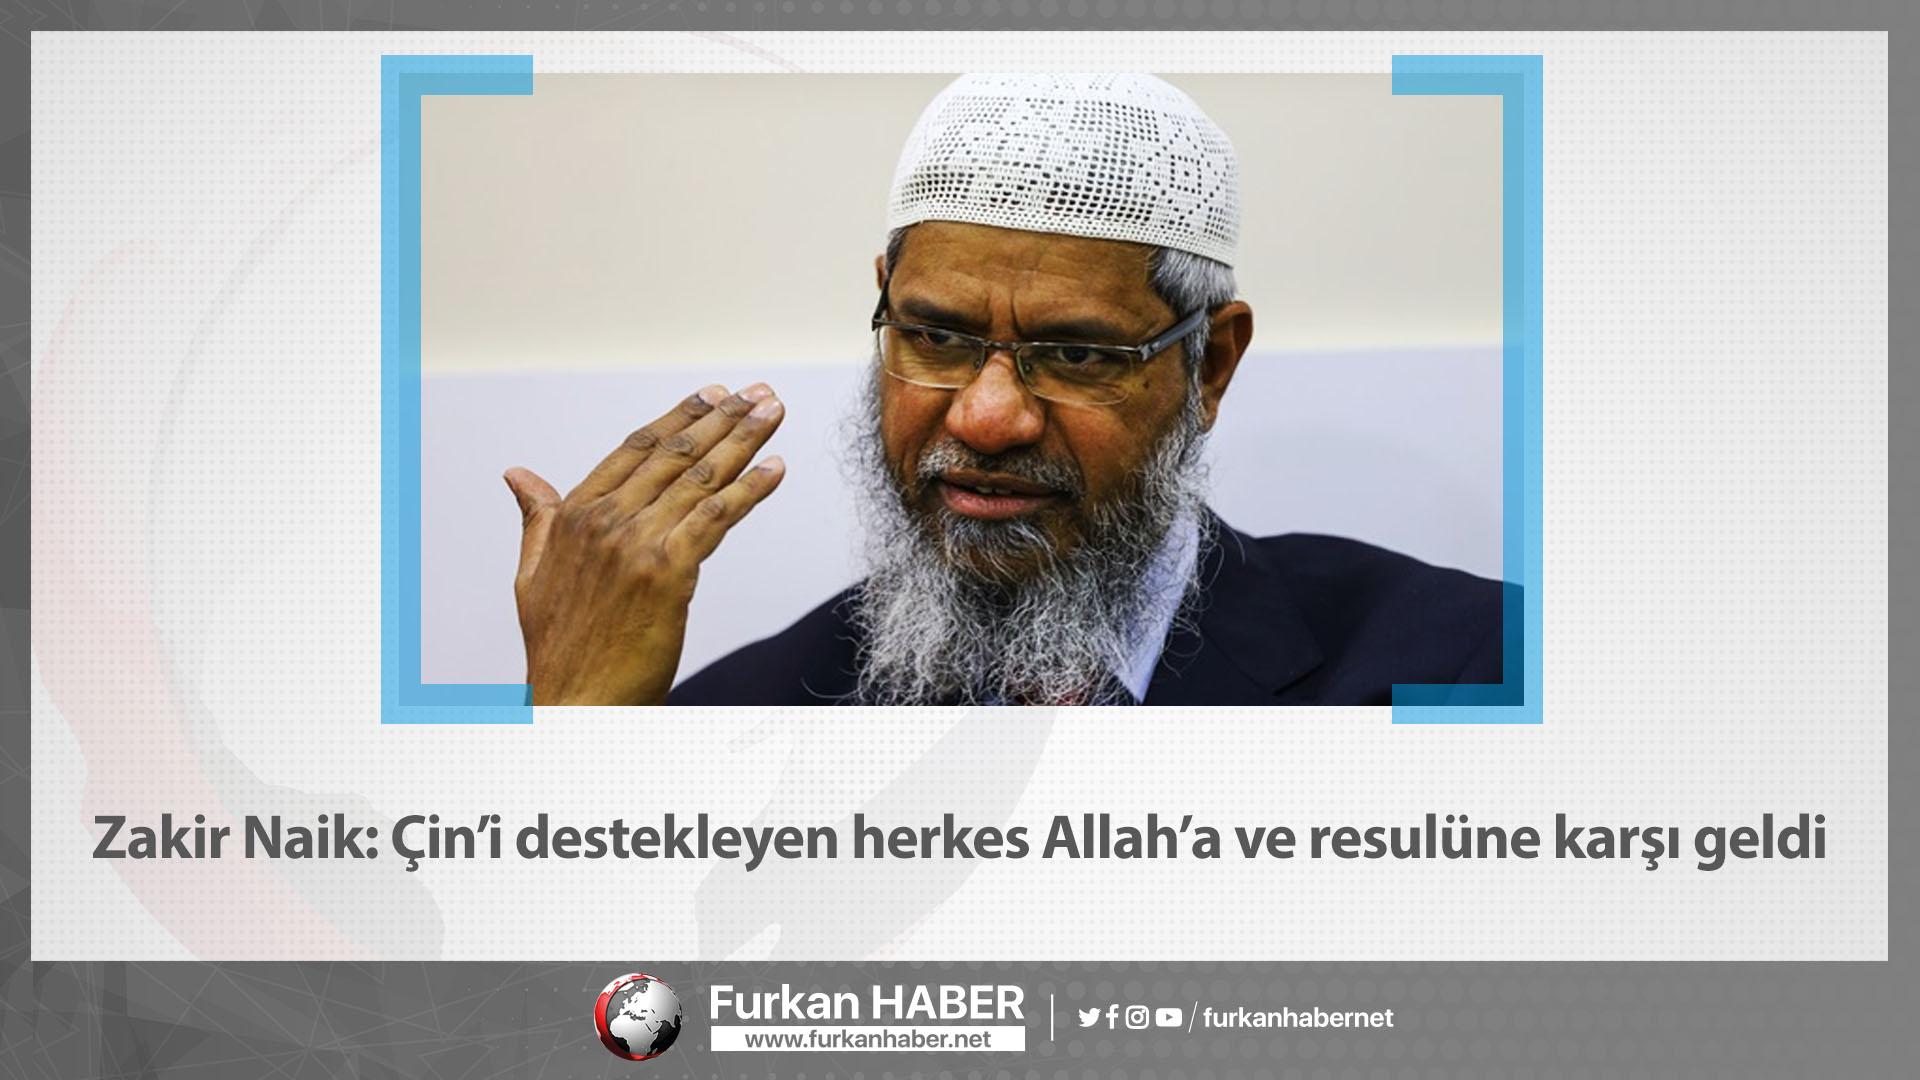 Zakir Naik: Çin'i destekleyen herkes Allah'a ve resulüne karşı geldi